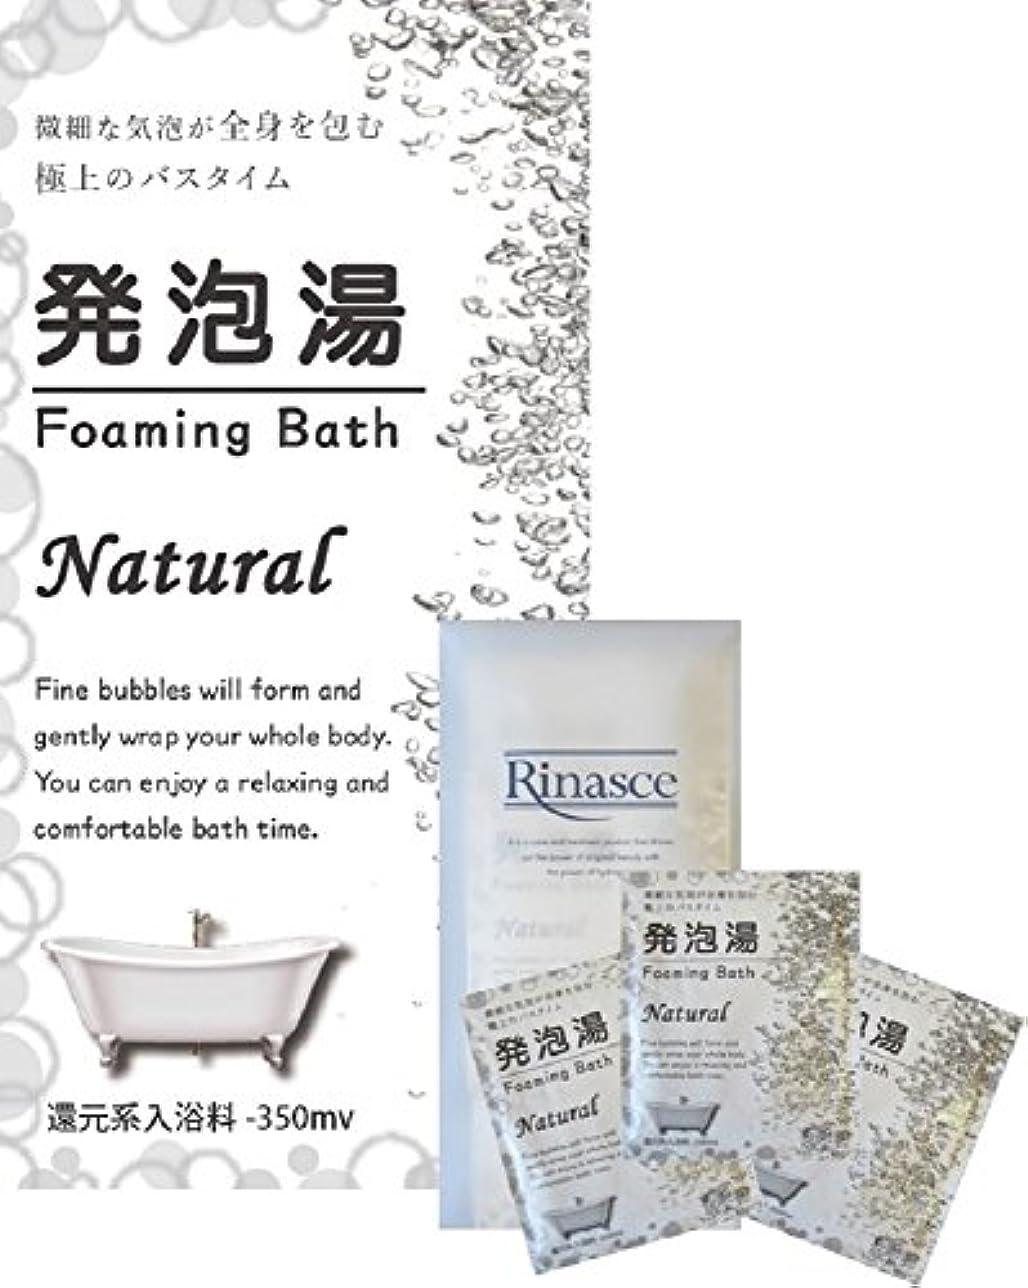 曲がった襟病弱【ゆうメール対象】発泡湯(はっぽうとう) Foaming Bath Natural ナチュラル 40g 3包セット/微細な気泡が全身を包む極上のバスタイム